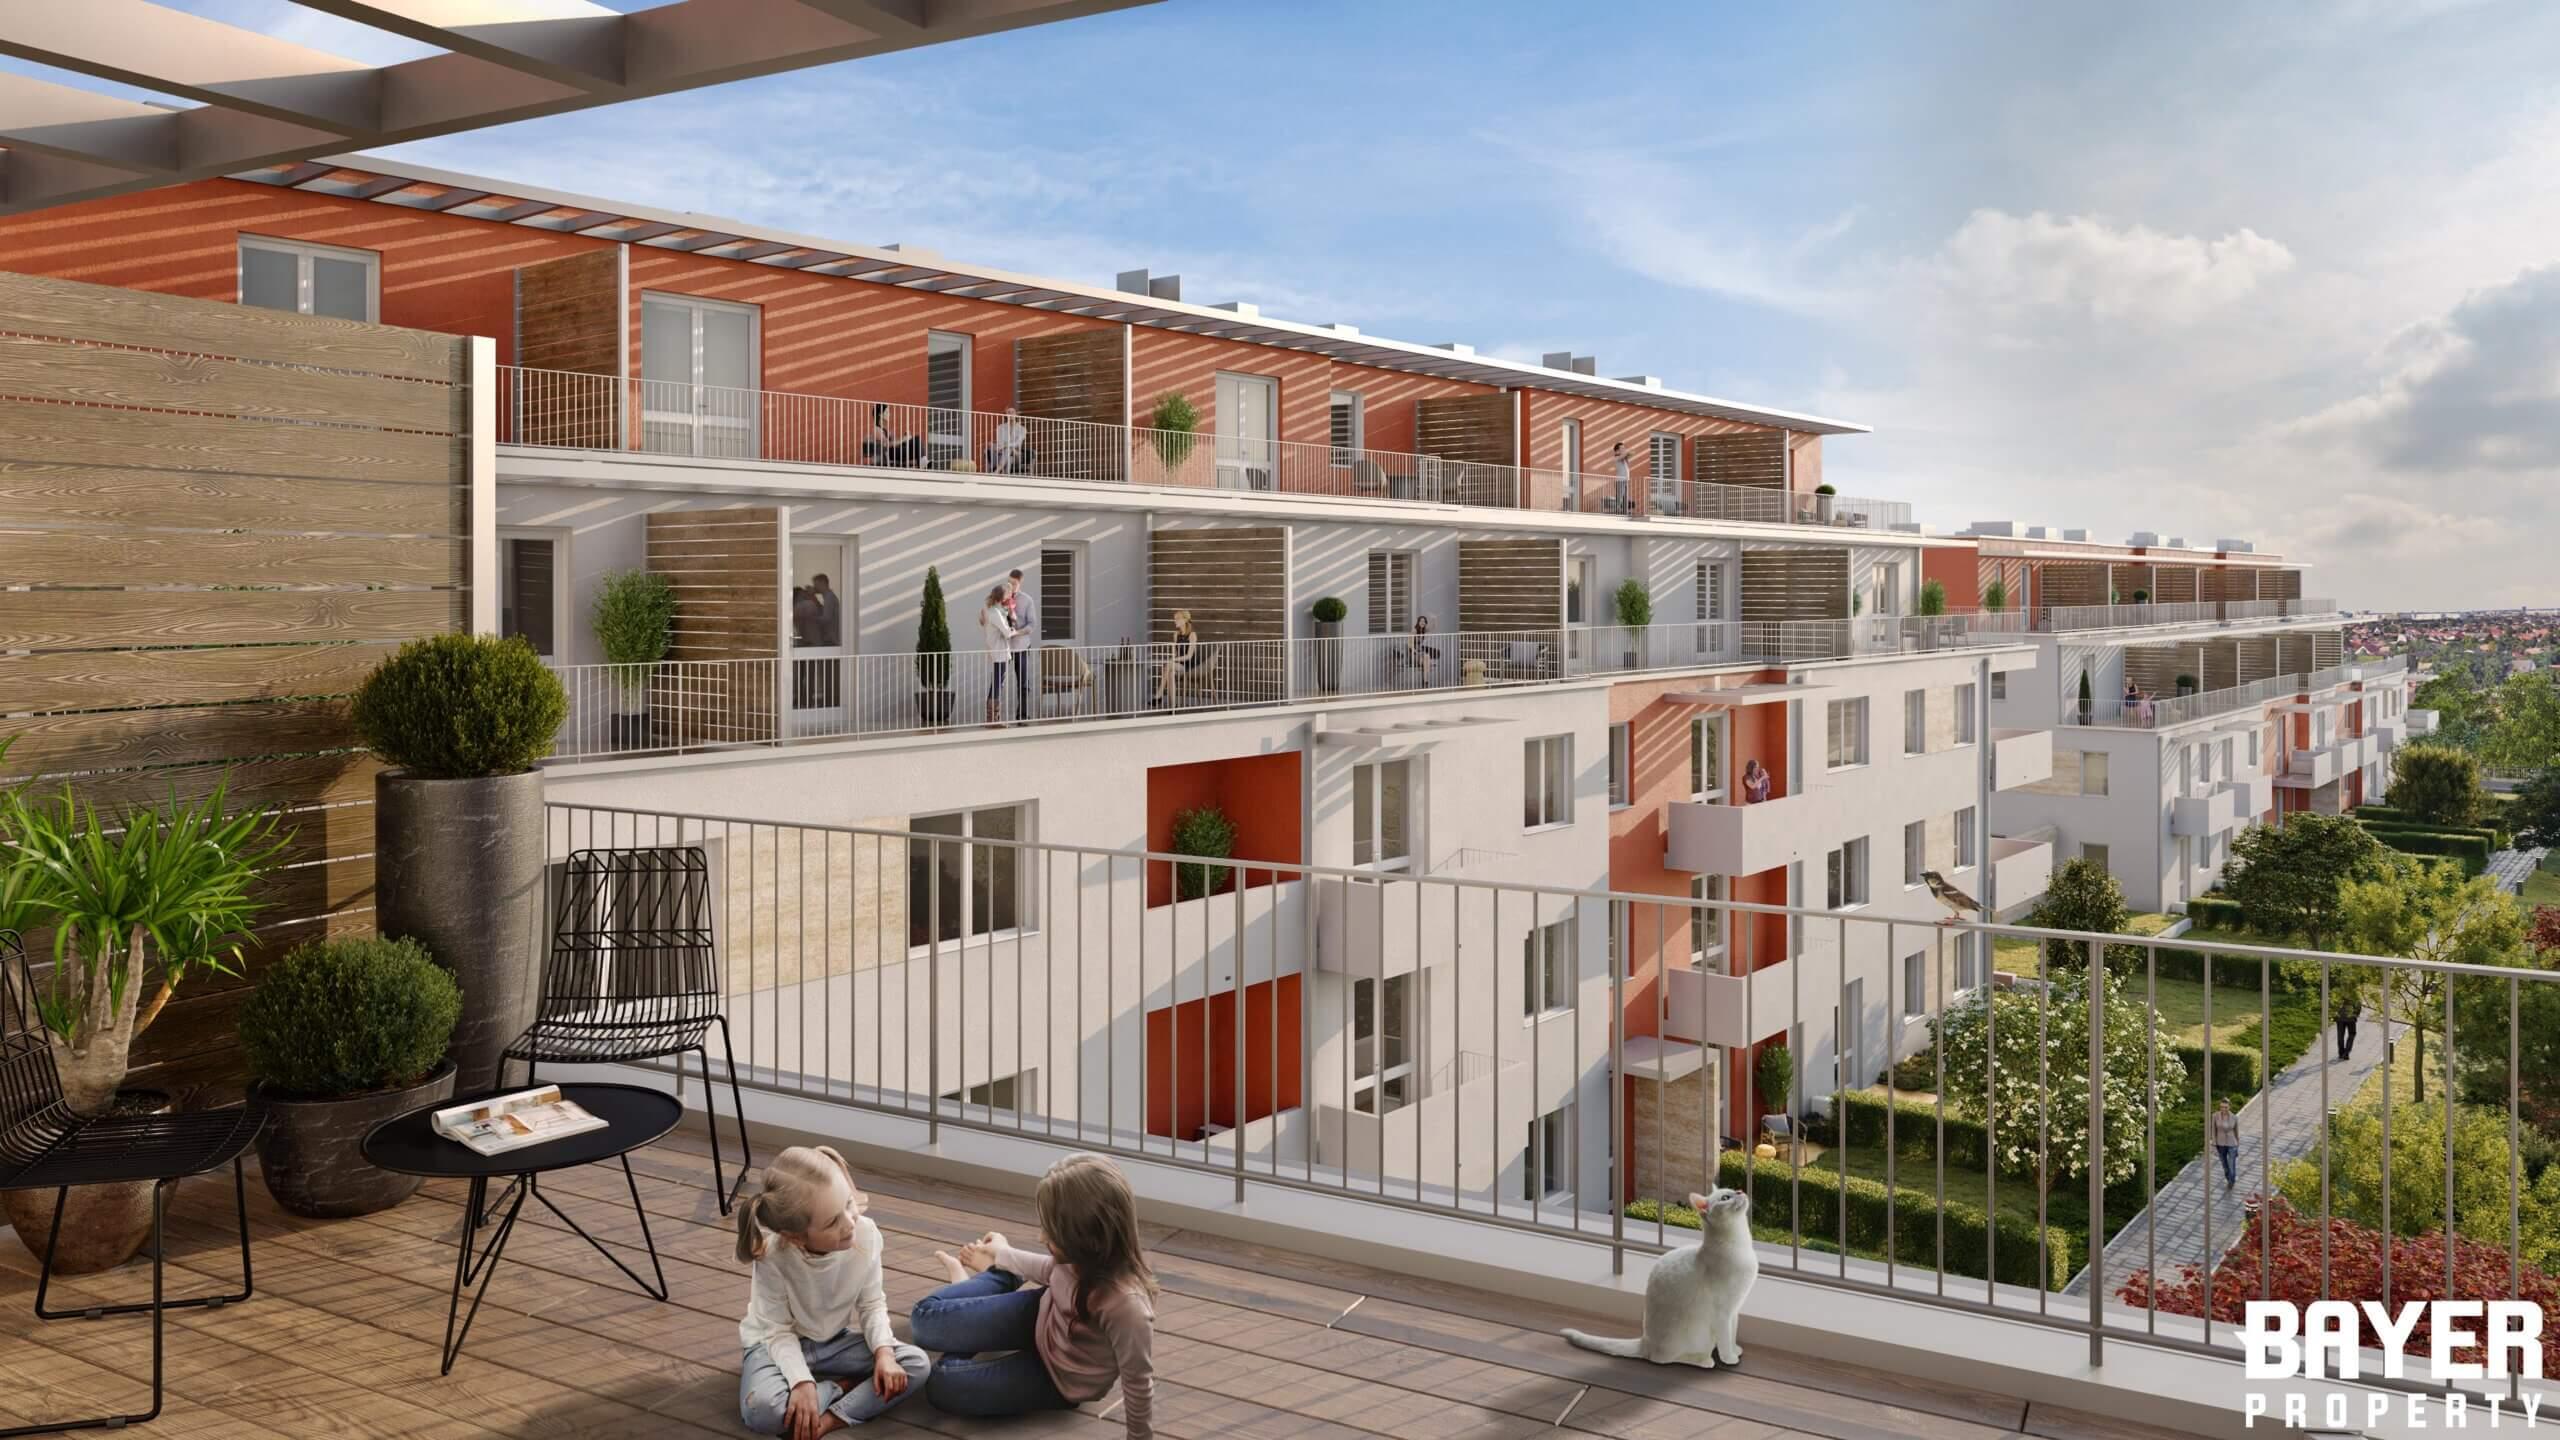 Nézd meg személyesen, milyen lesz új otthonod ebben a családias, kertvárosi házban!